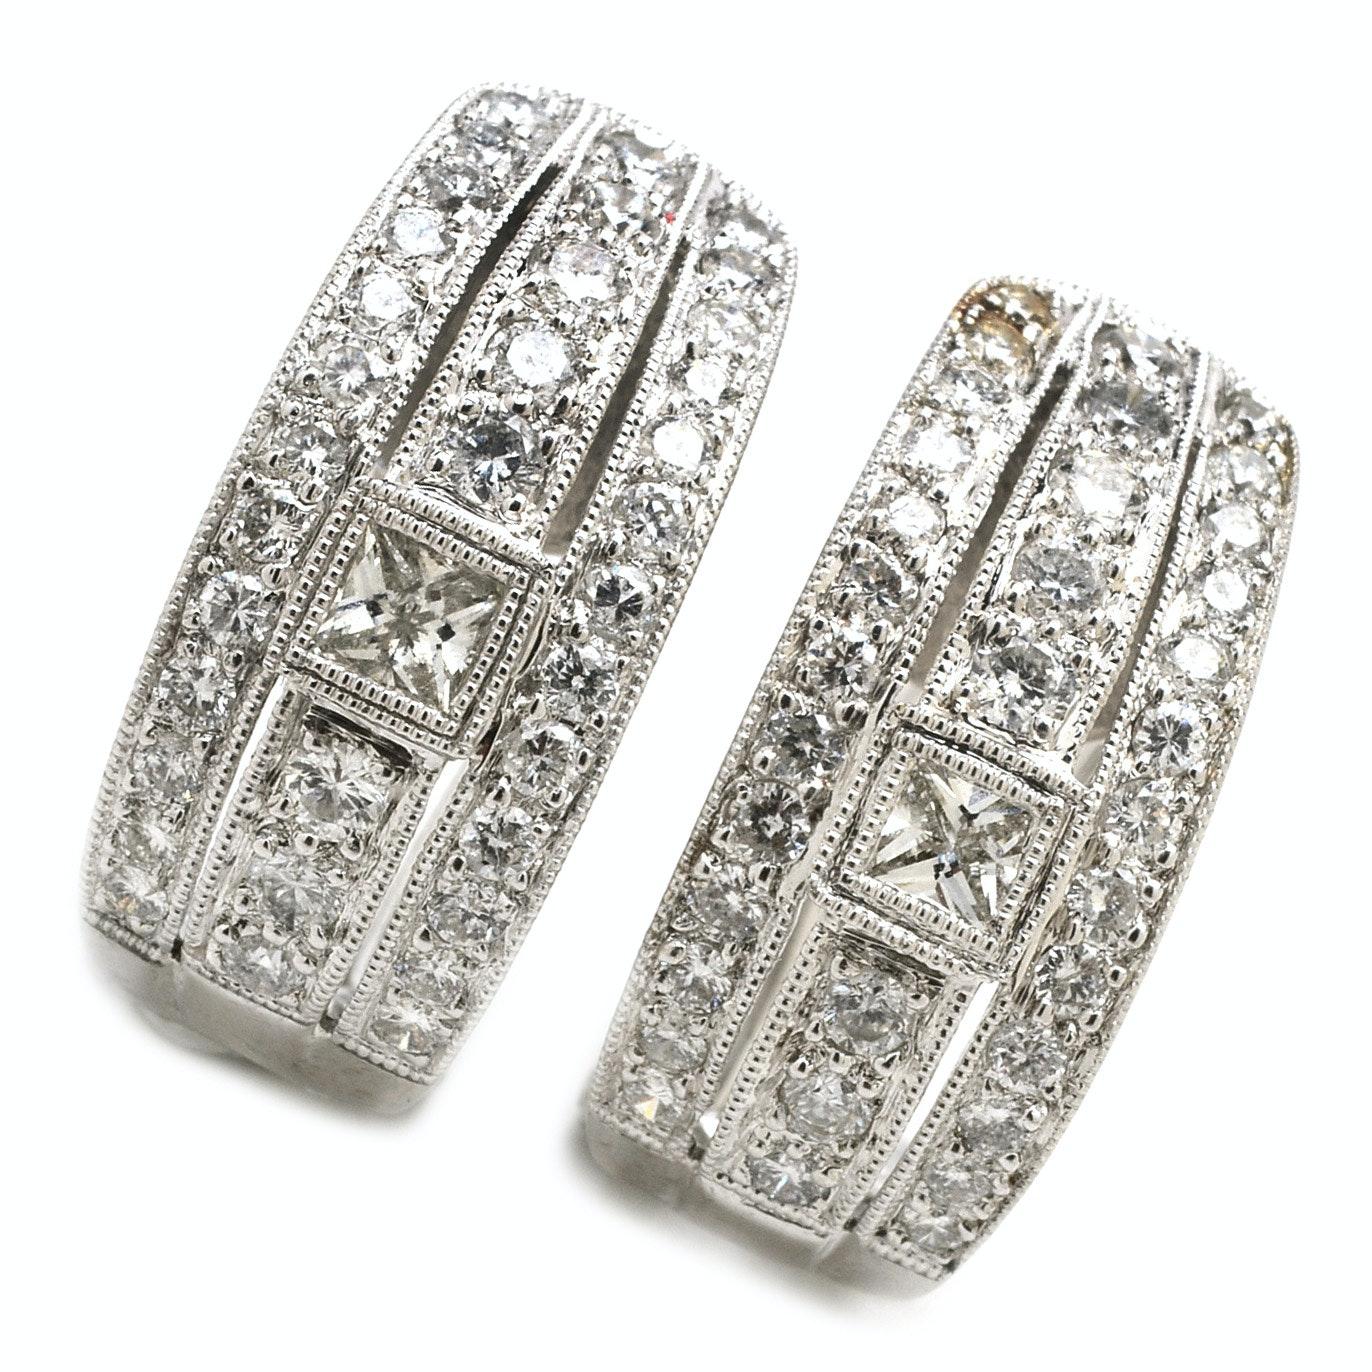 Pair of 14K White Gold 1.68 CTW Diamond Half-Hoop Earrings